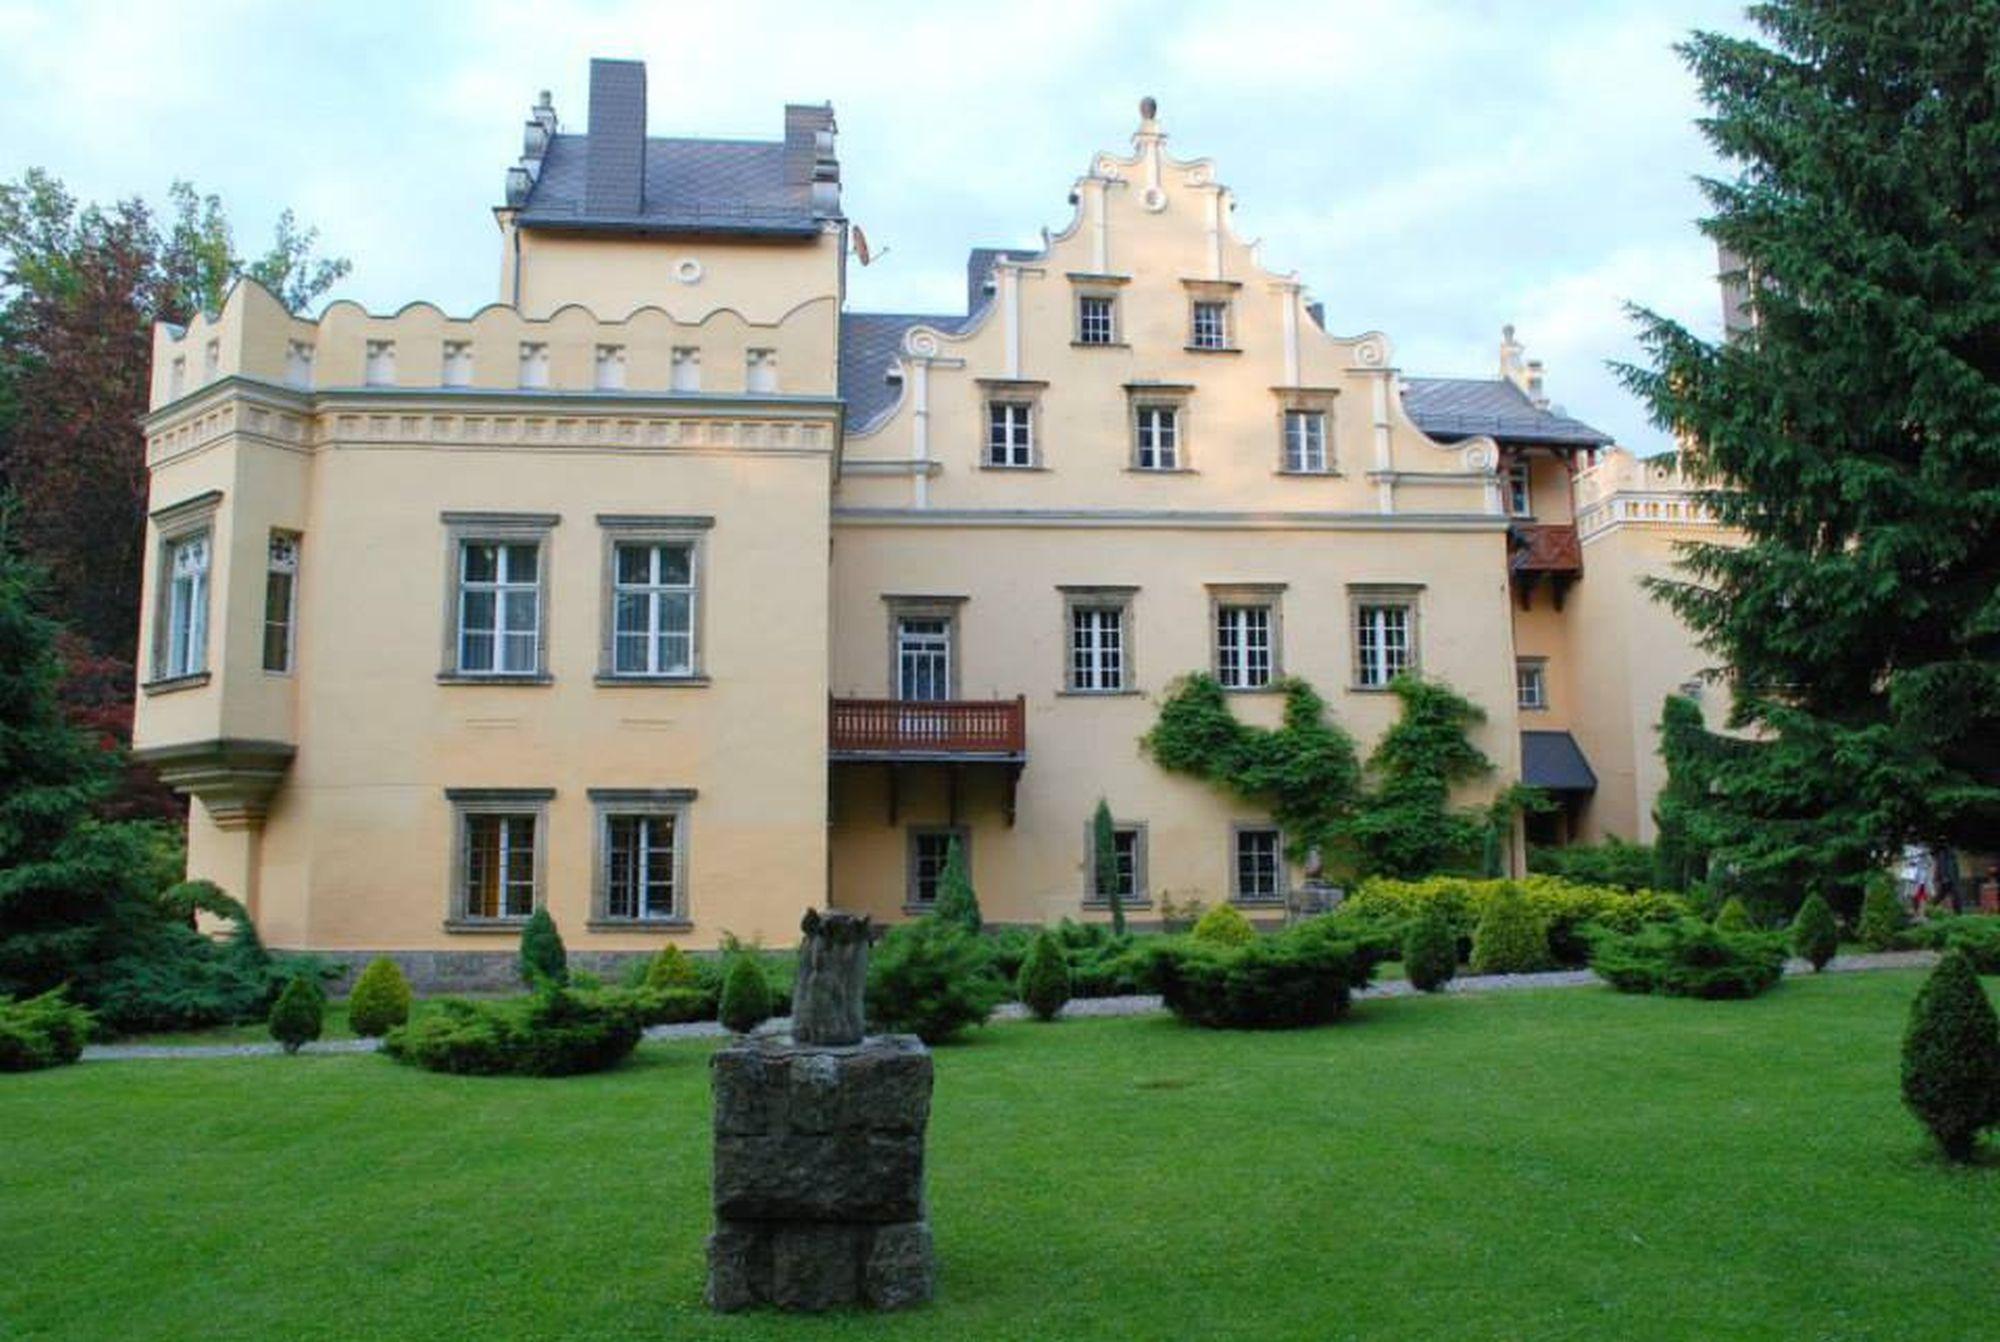 3. Pałac Nowy Dwór w Kowarach